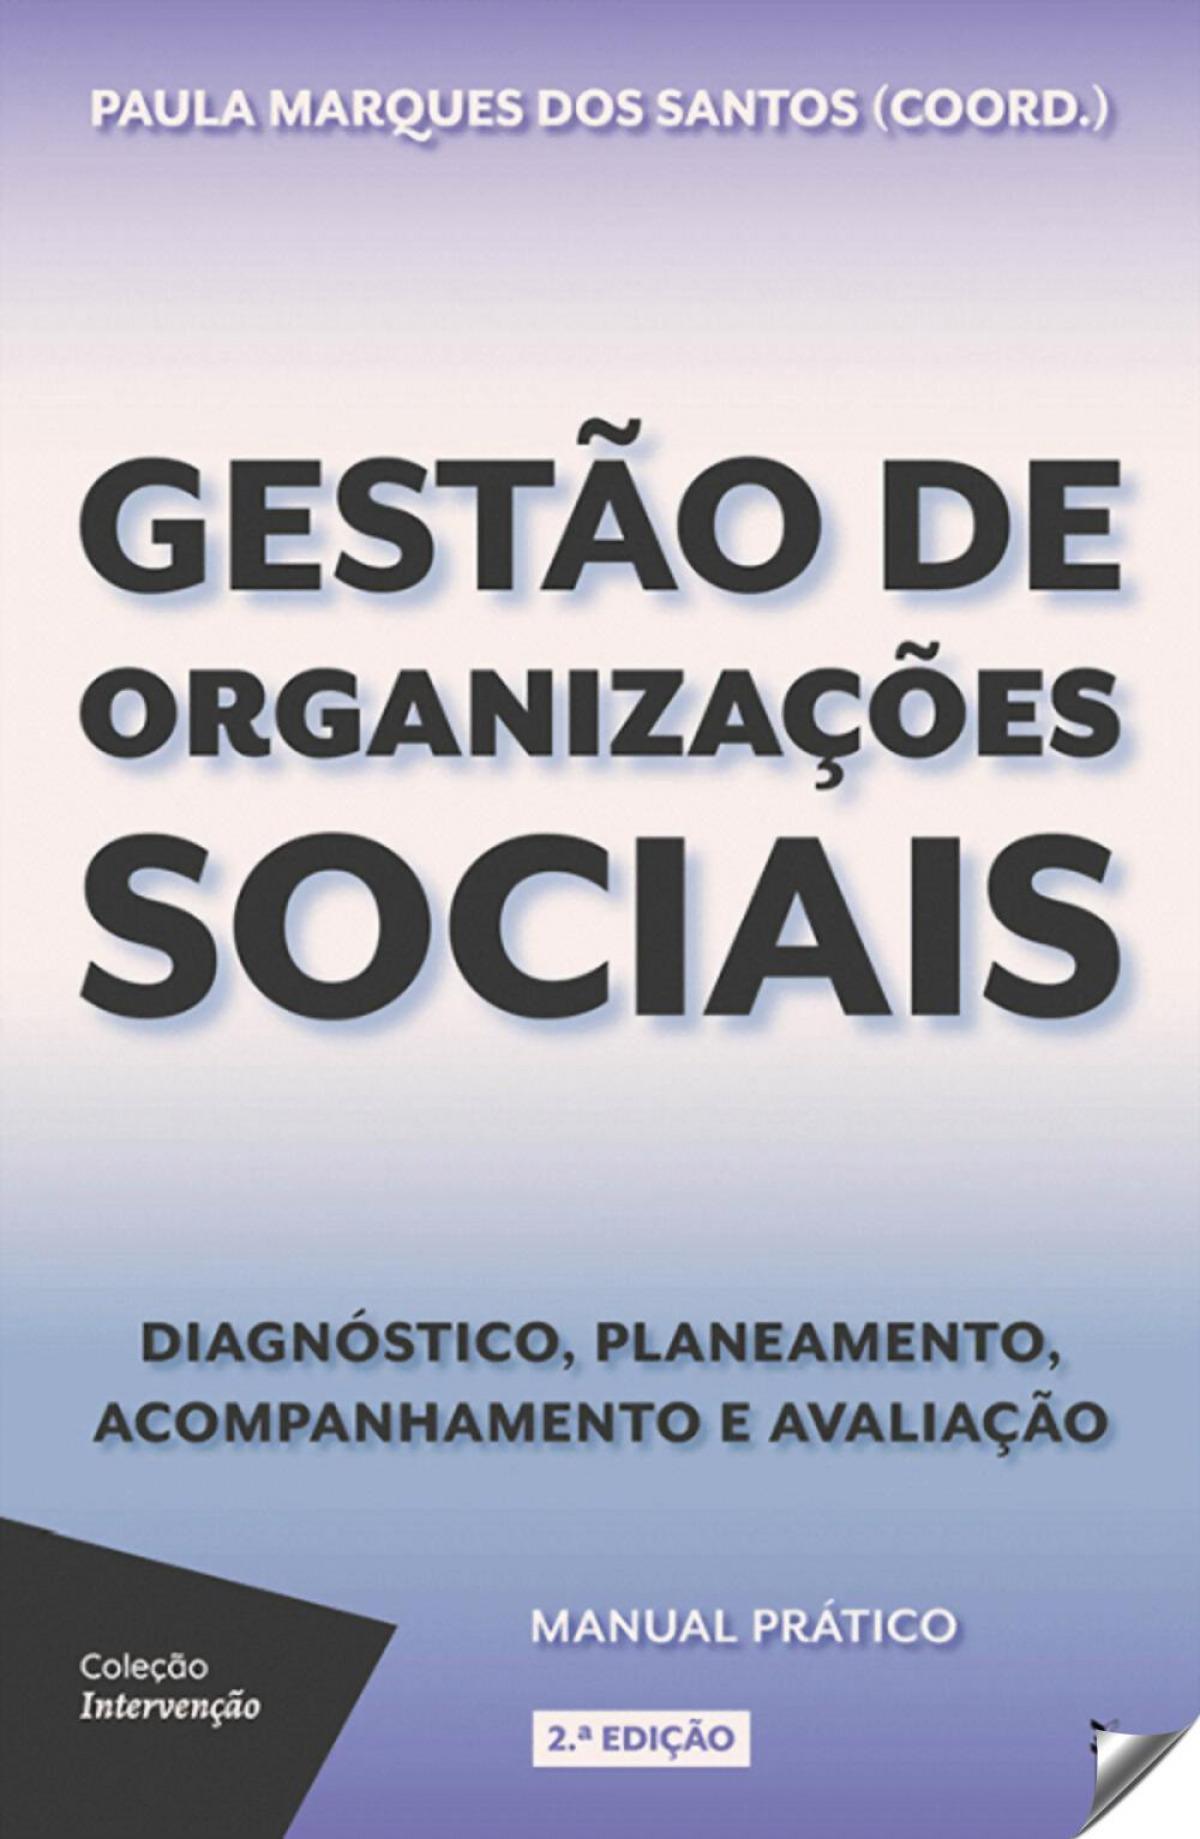 GESTÃO DE ORGANIZAÇOES SOCIAIS